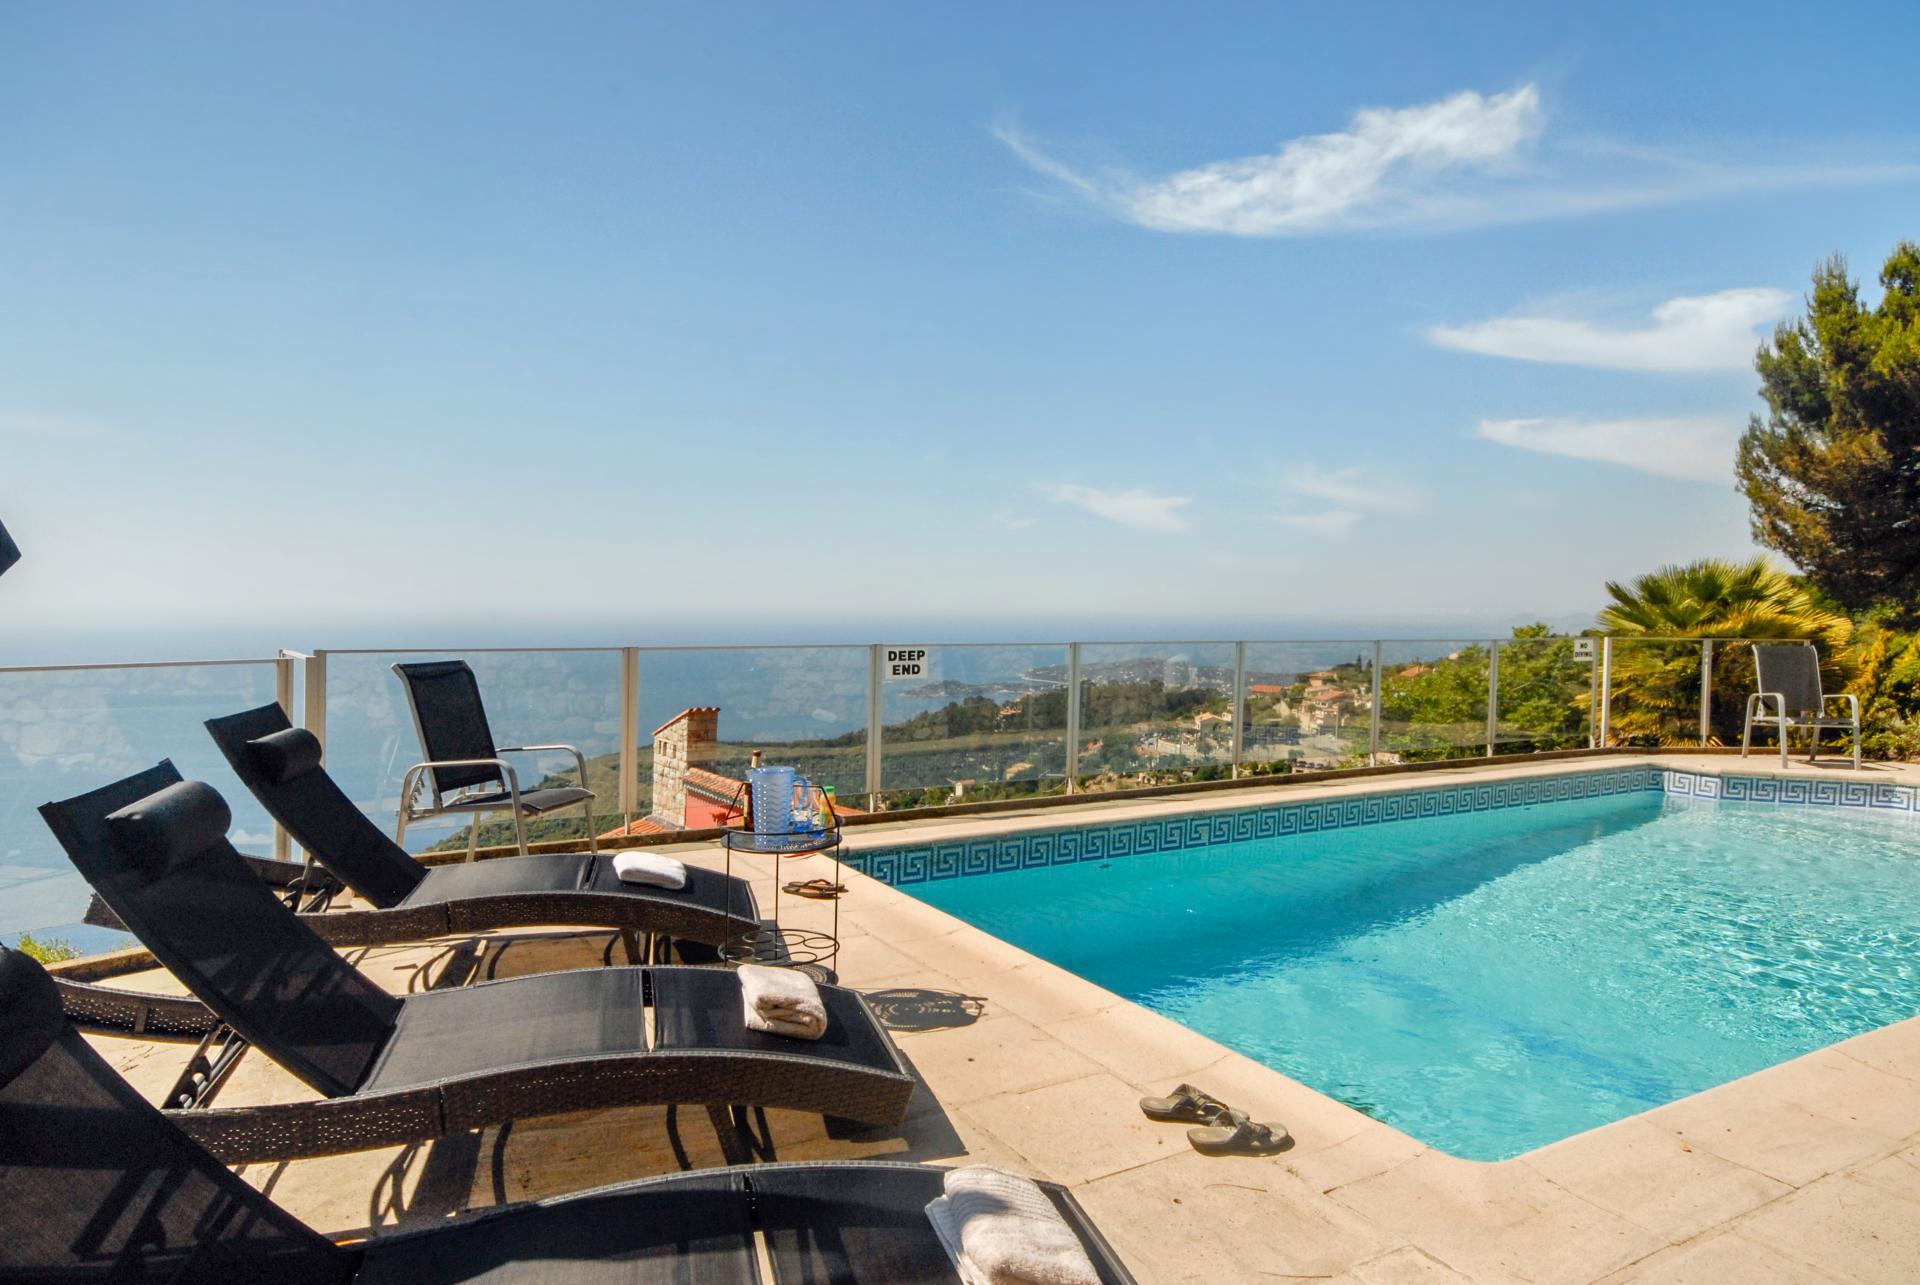 Outdoor Pool 2, L'Oiseau Marin, Eze-sur-mer, Cote d'Azur.